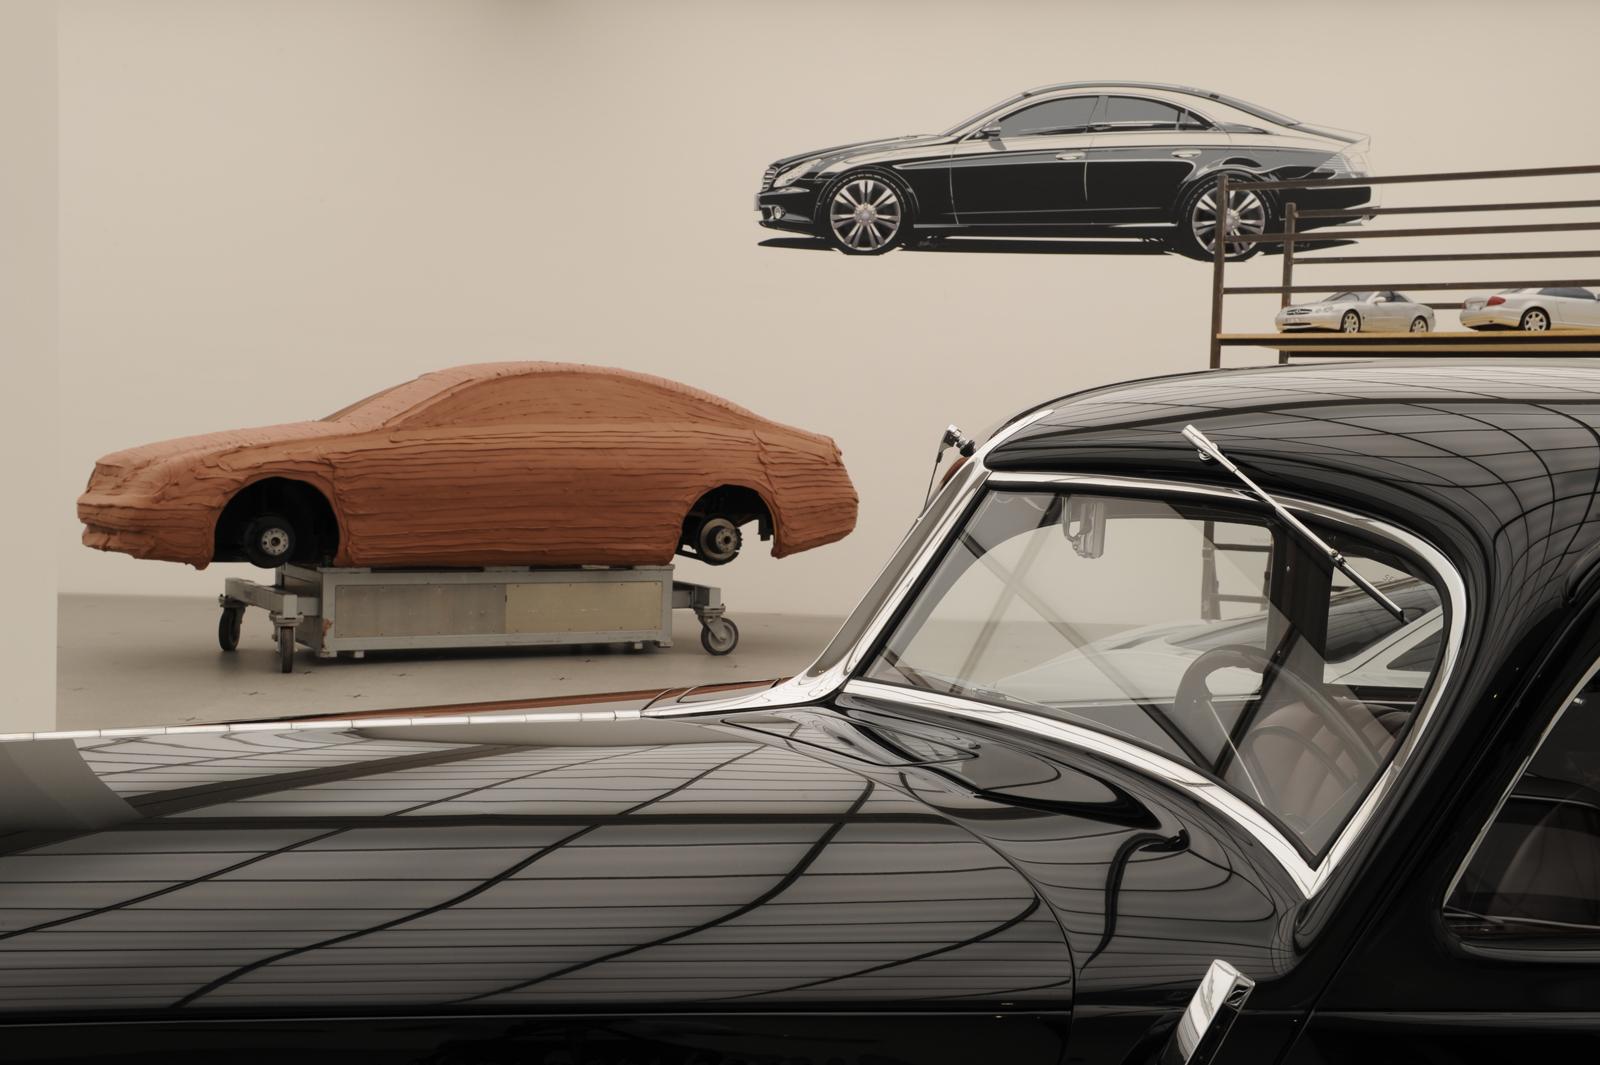 """Выставка """"вехи истории автомобильного дизайна - пример Mercedes-Benz"""" в Pinakothek der Moderne) в Мюнхене - фотография №11"""